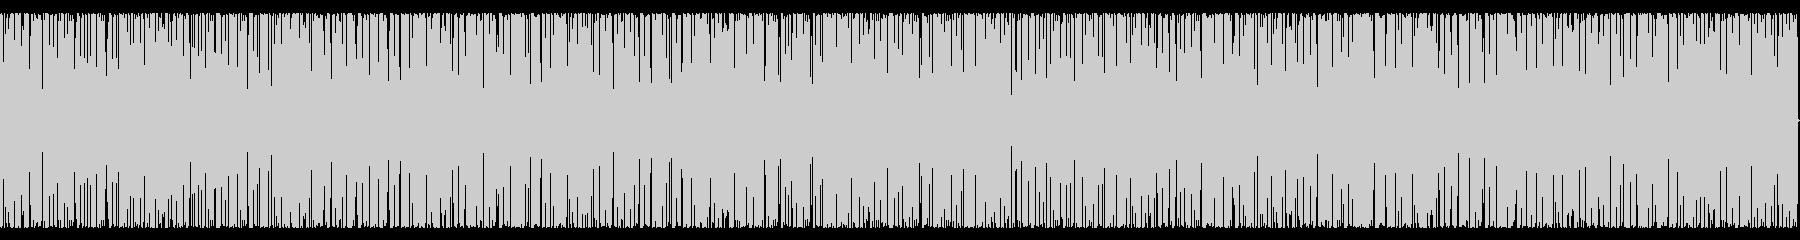 【環境音】焚火01#3 (バイノーラル)の未再生の波形